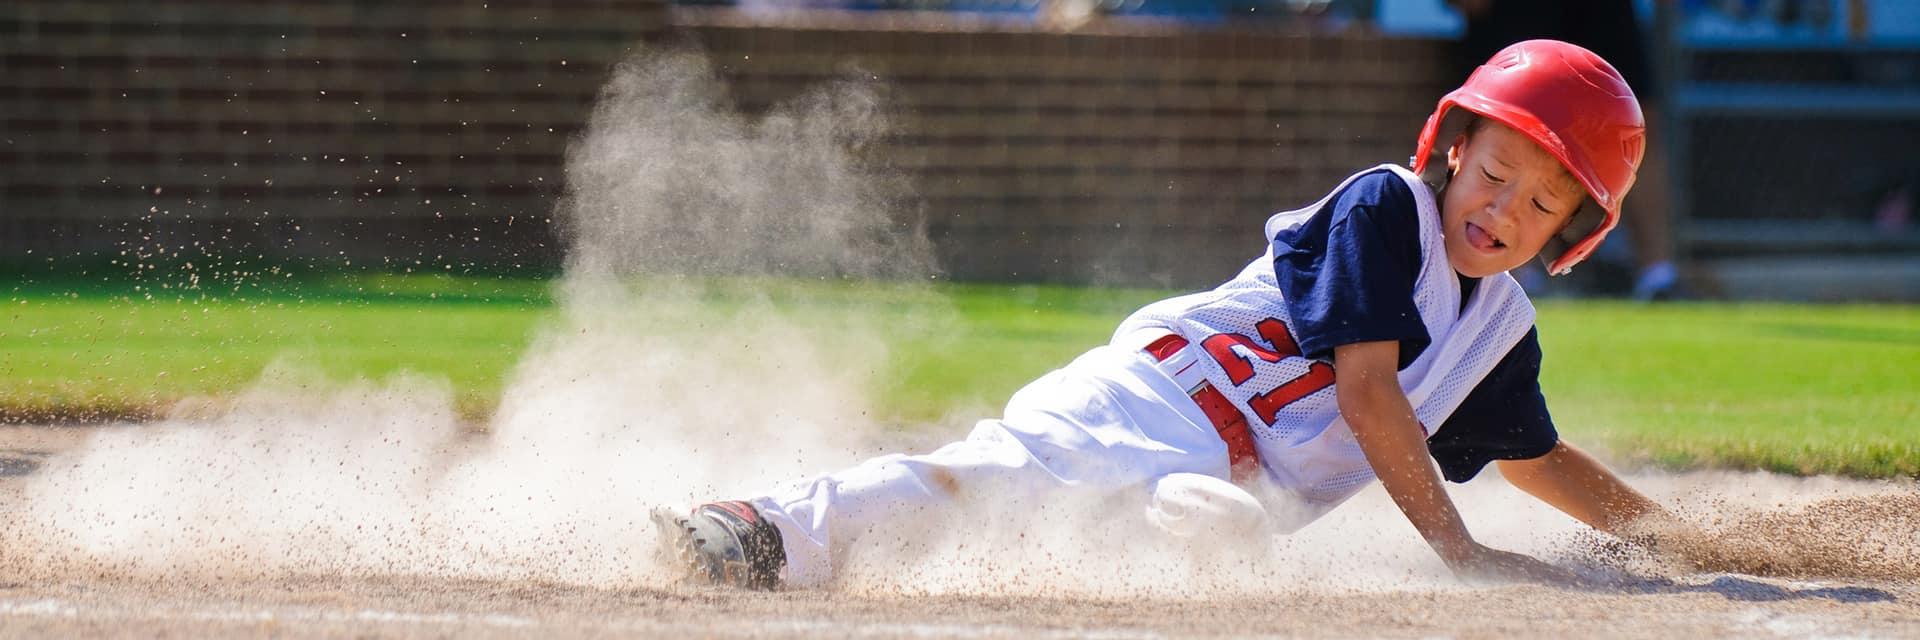 Child sliding into base playing baseball